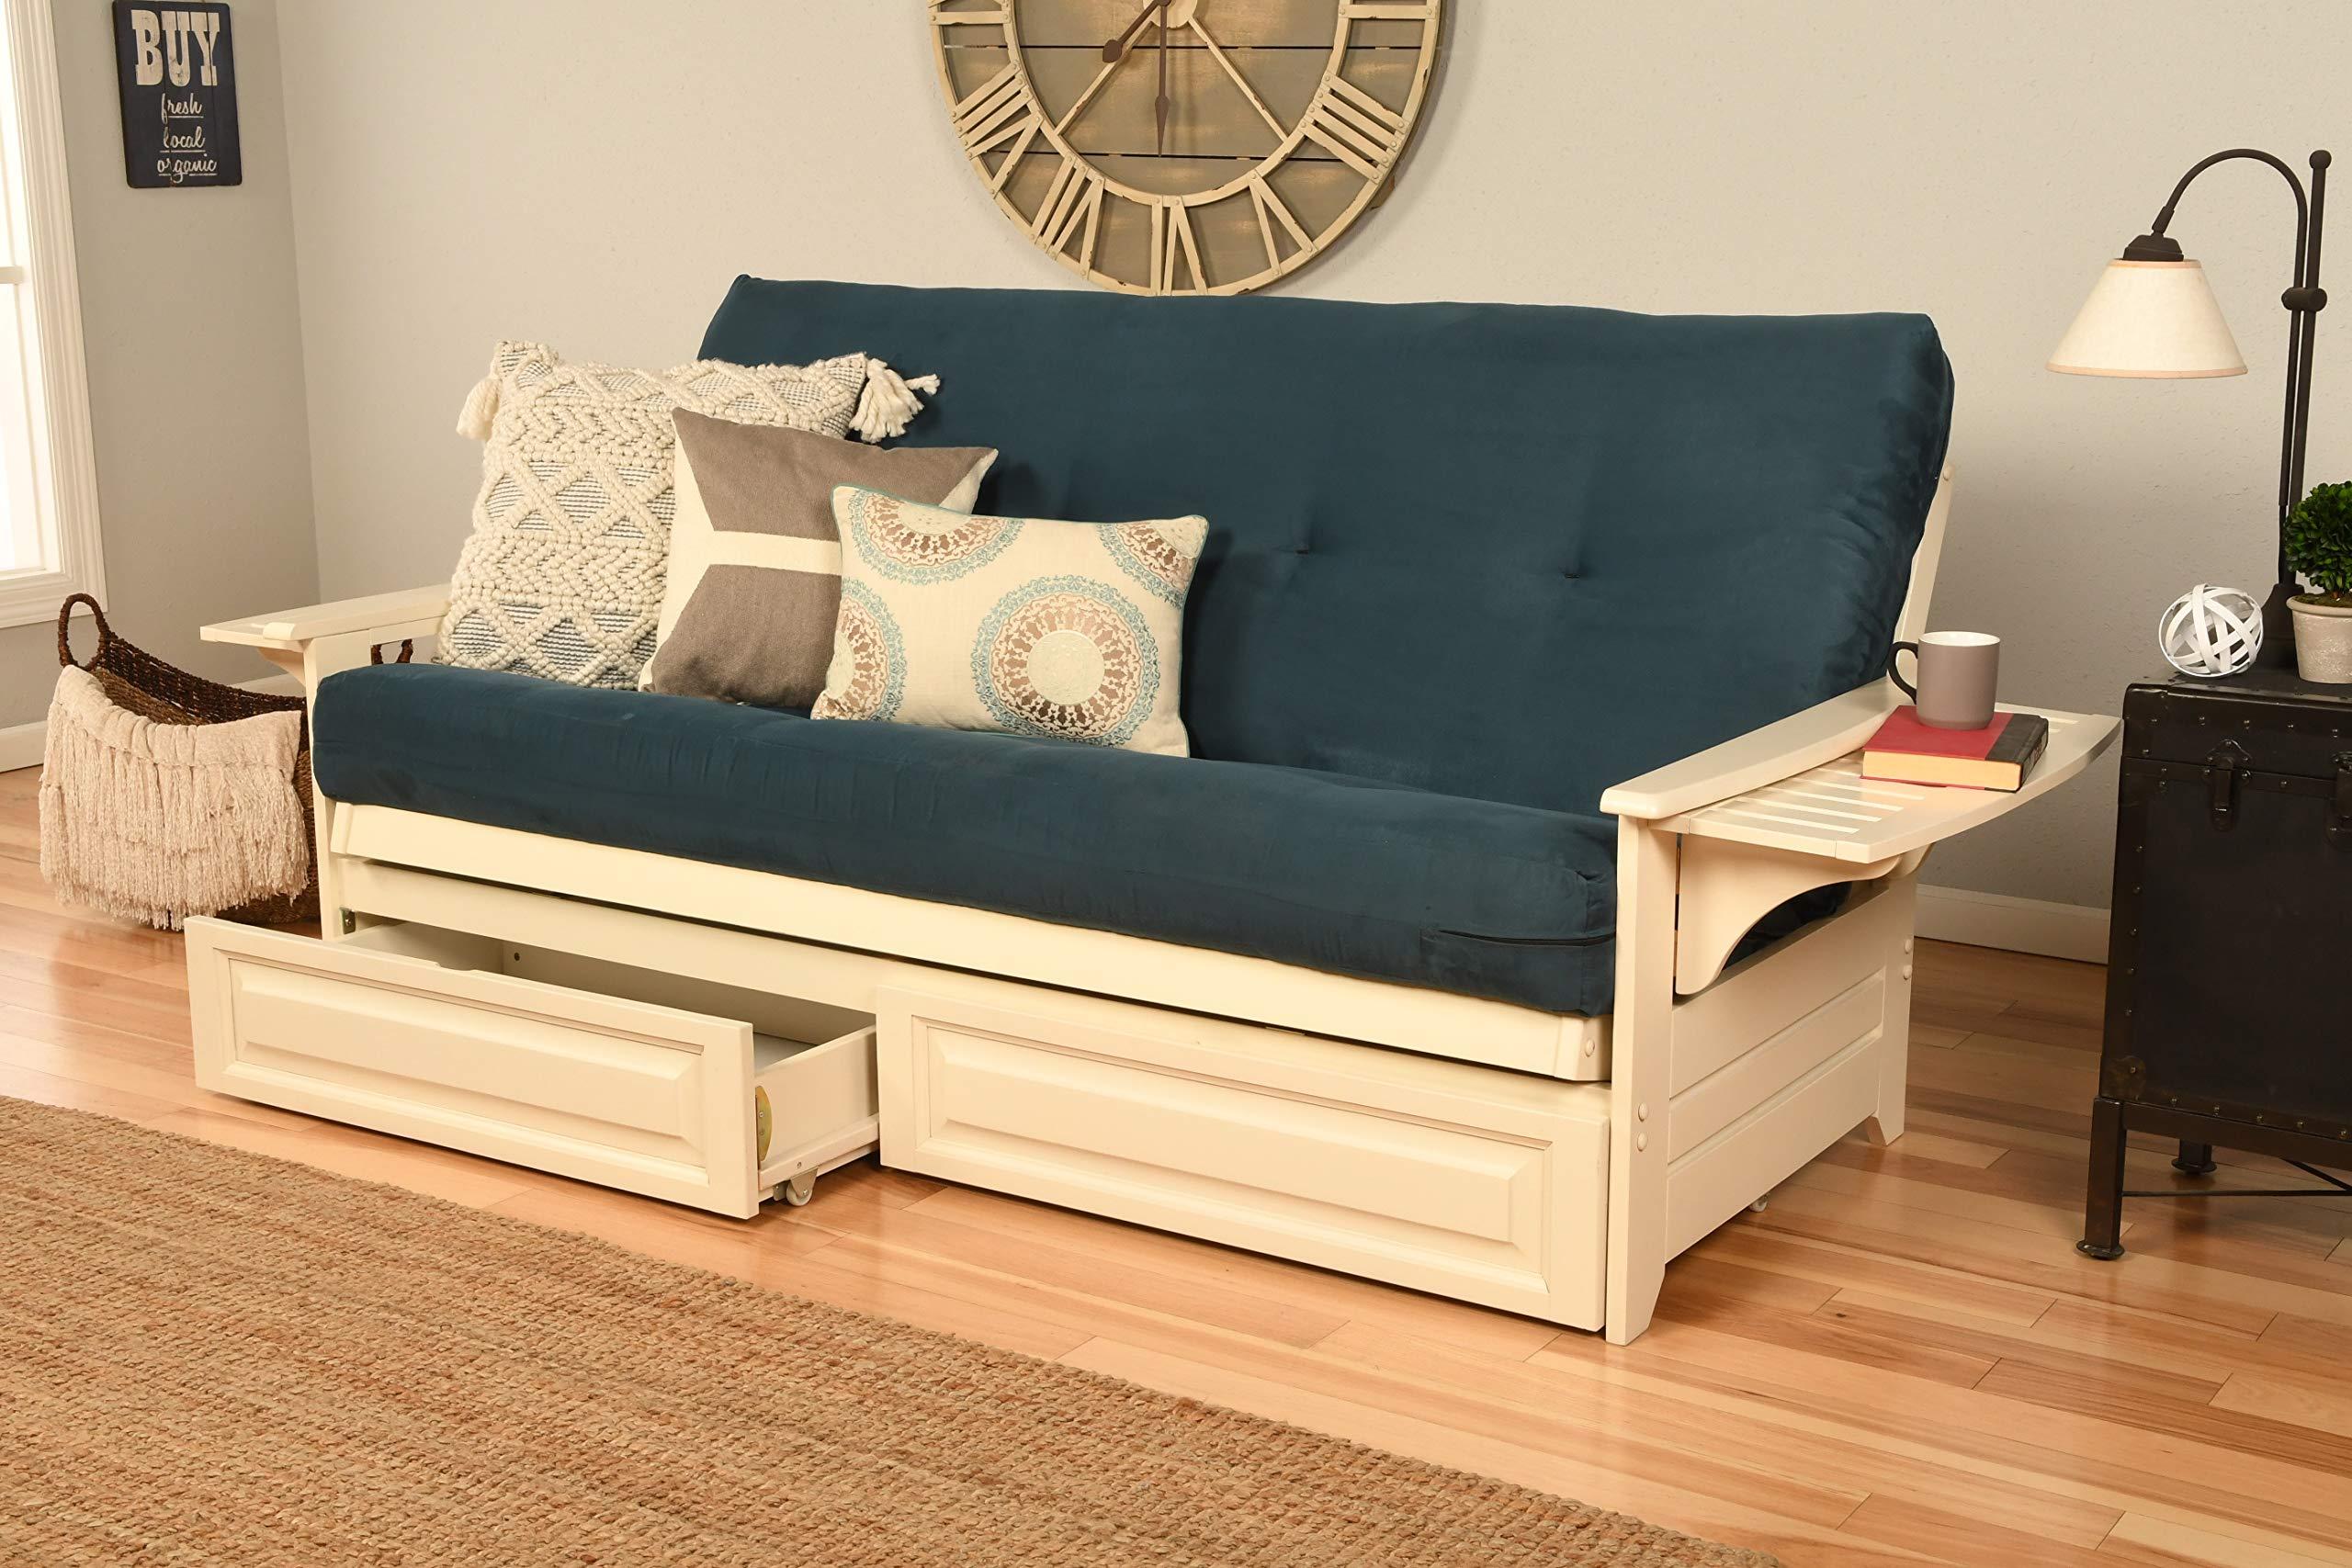 Kodiak Furniture KFPHDAWSNAVYLF5MD4 Futon Set, Full, White by Kodiak Furniture